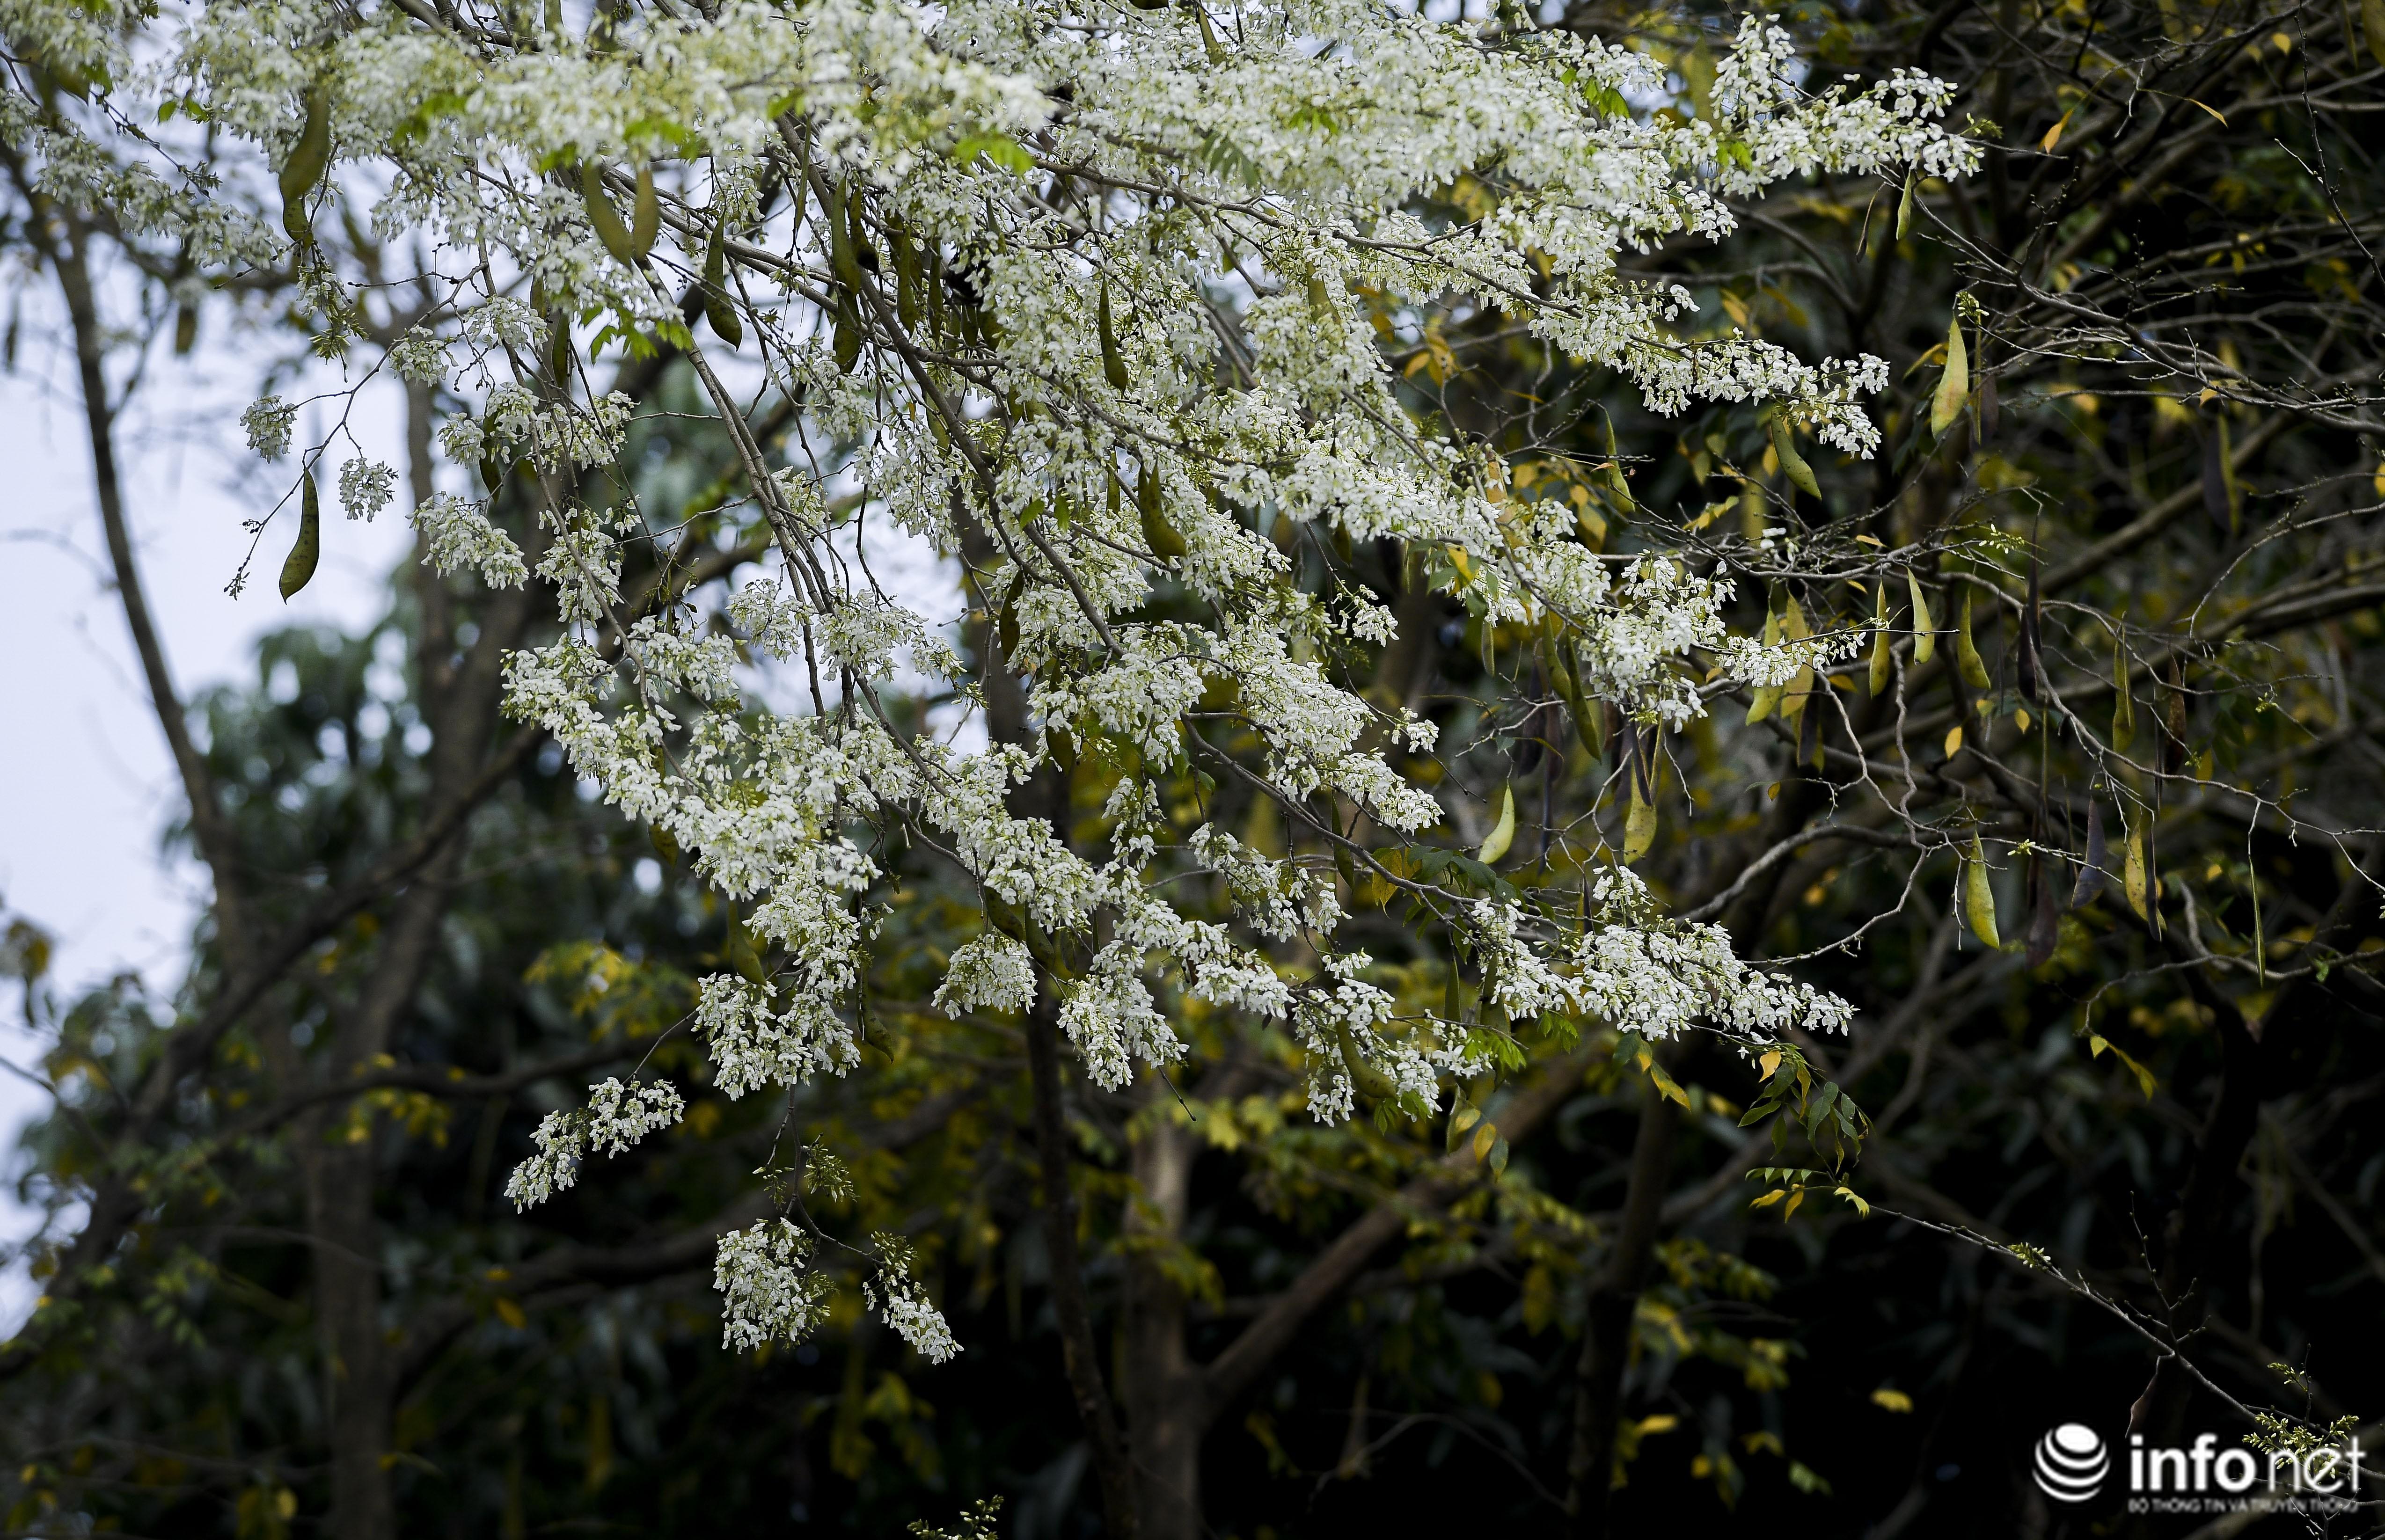 Ngắm hoa sưa nở trắng phố phường Hà Nội Ảnh 4